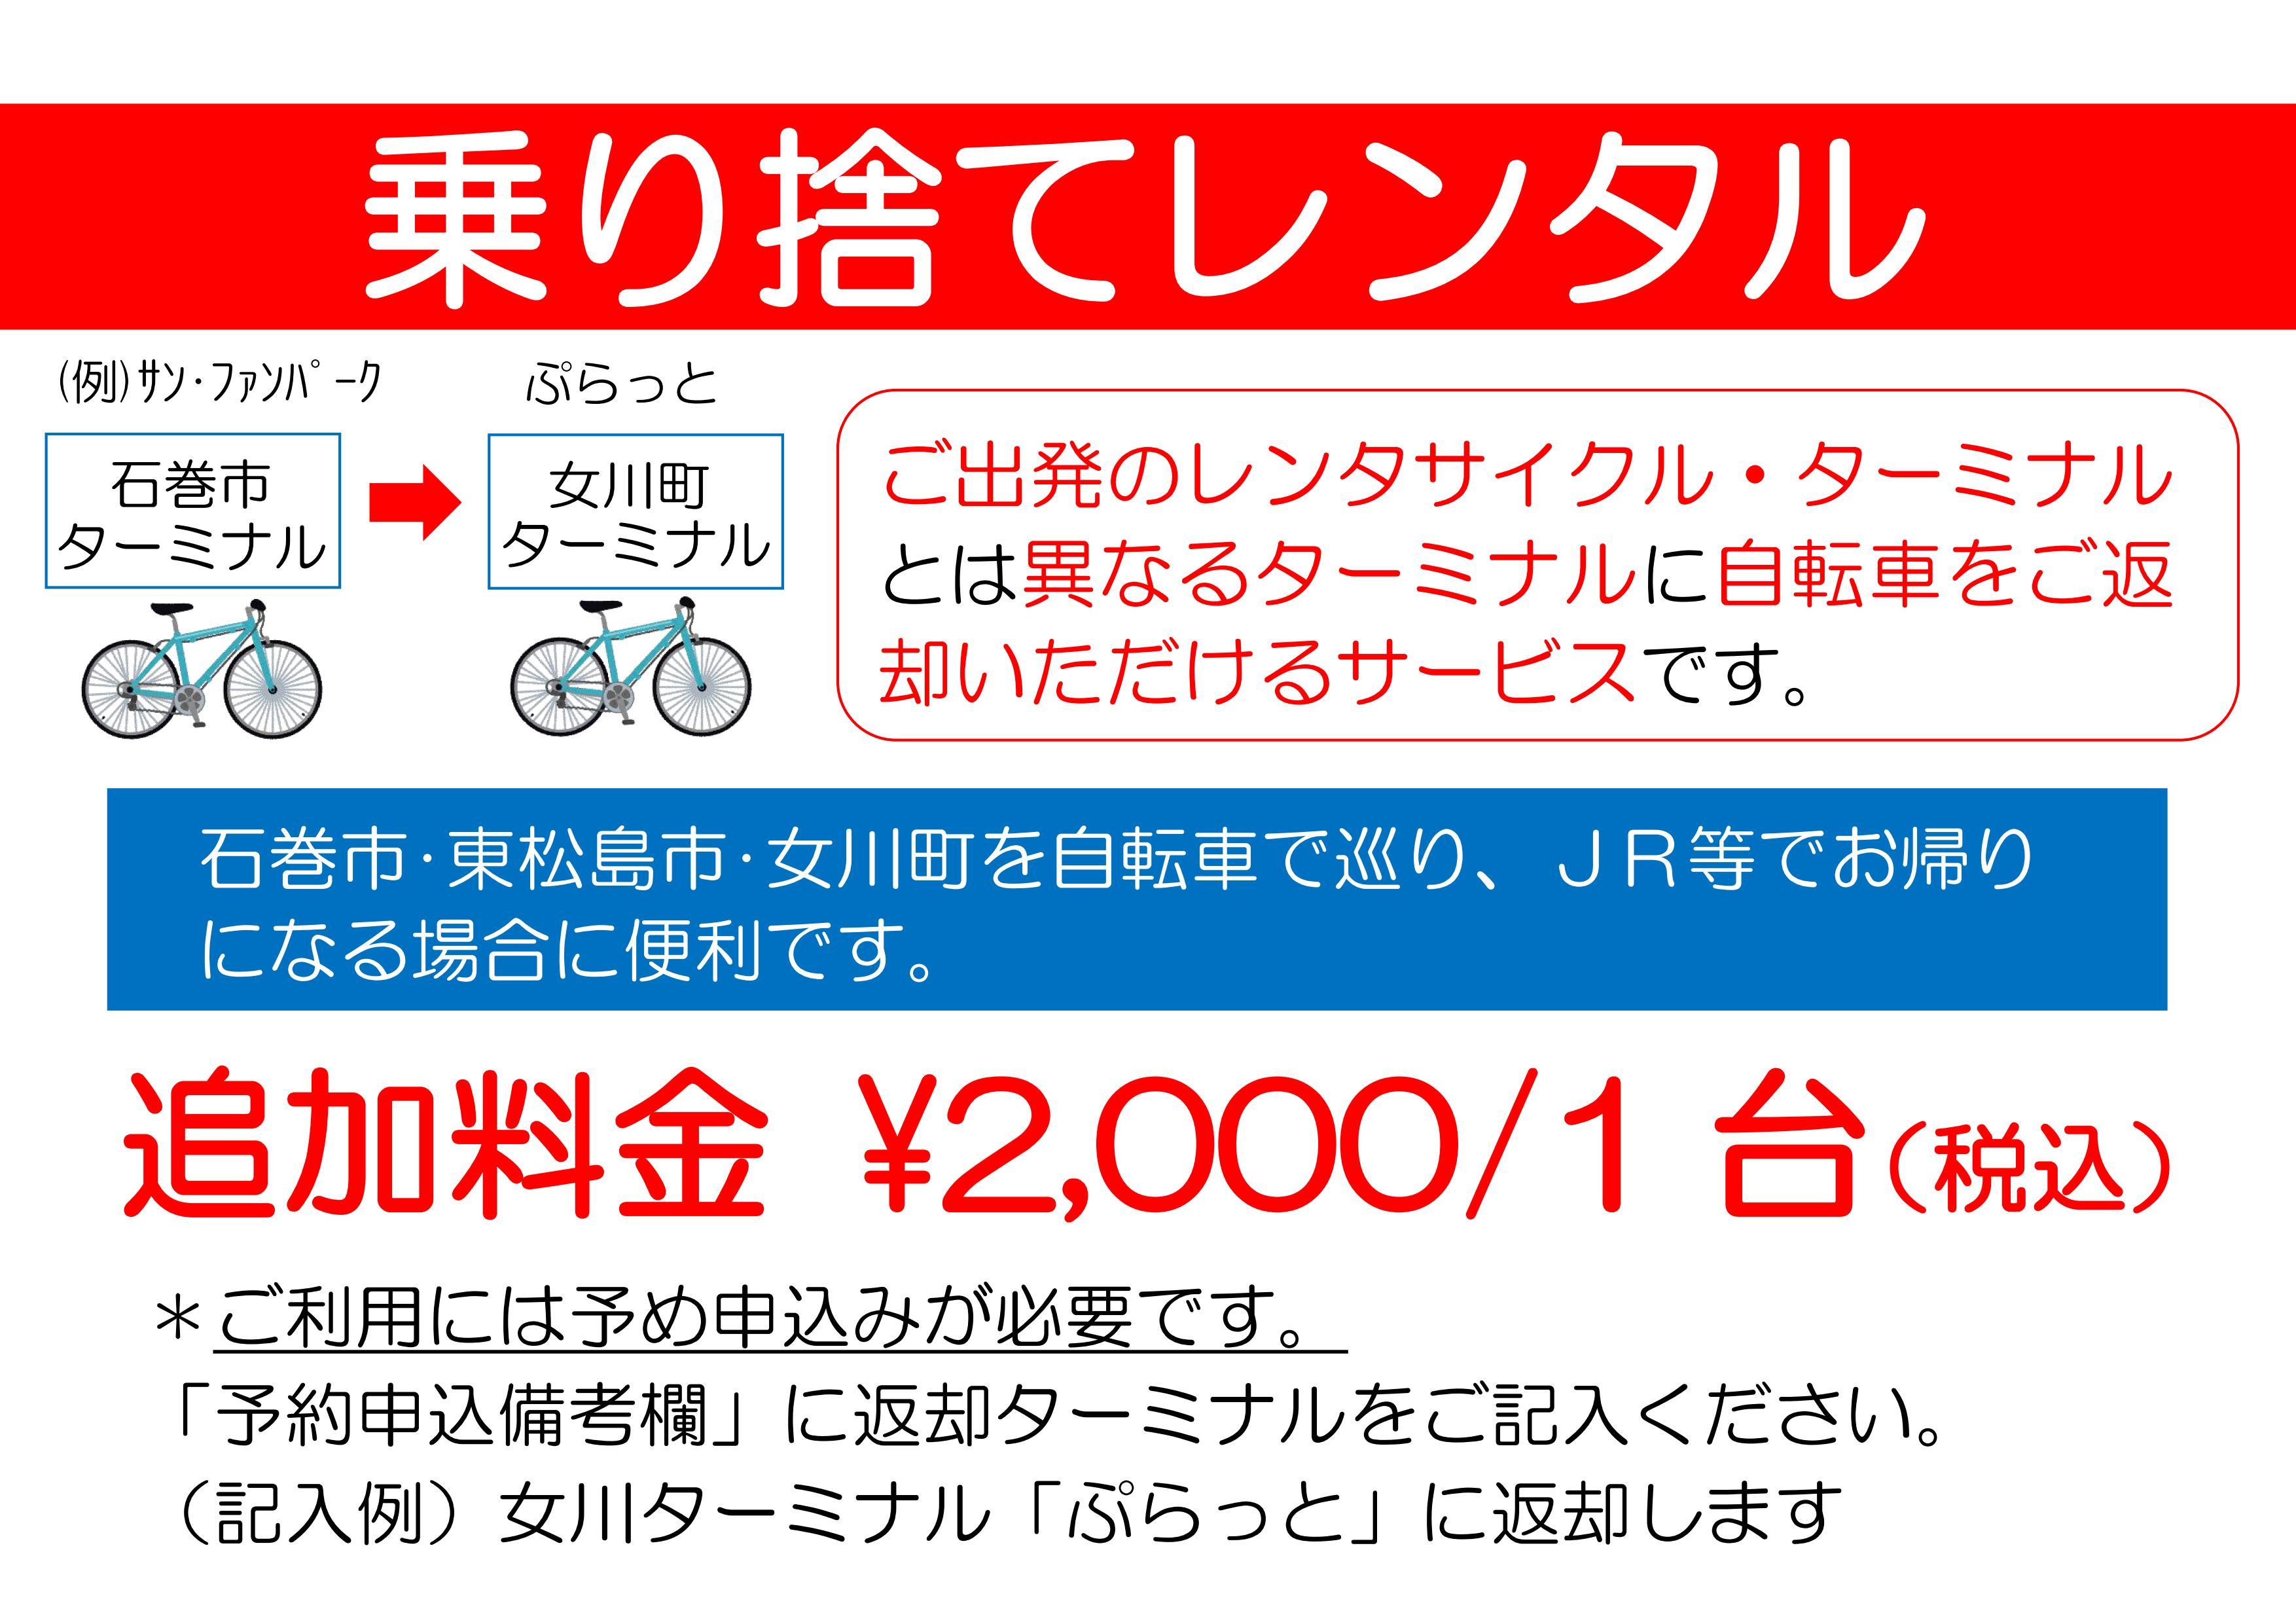 【東松島市】まちんど 女性XSタイプ 1日1台限定【コース番号:80905】